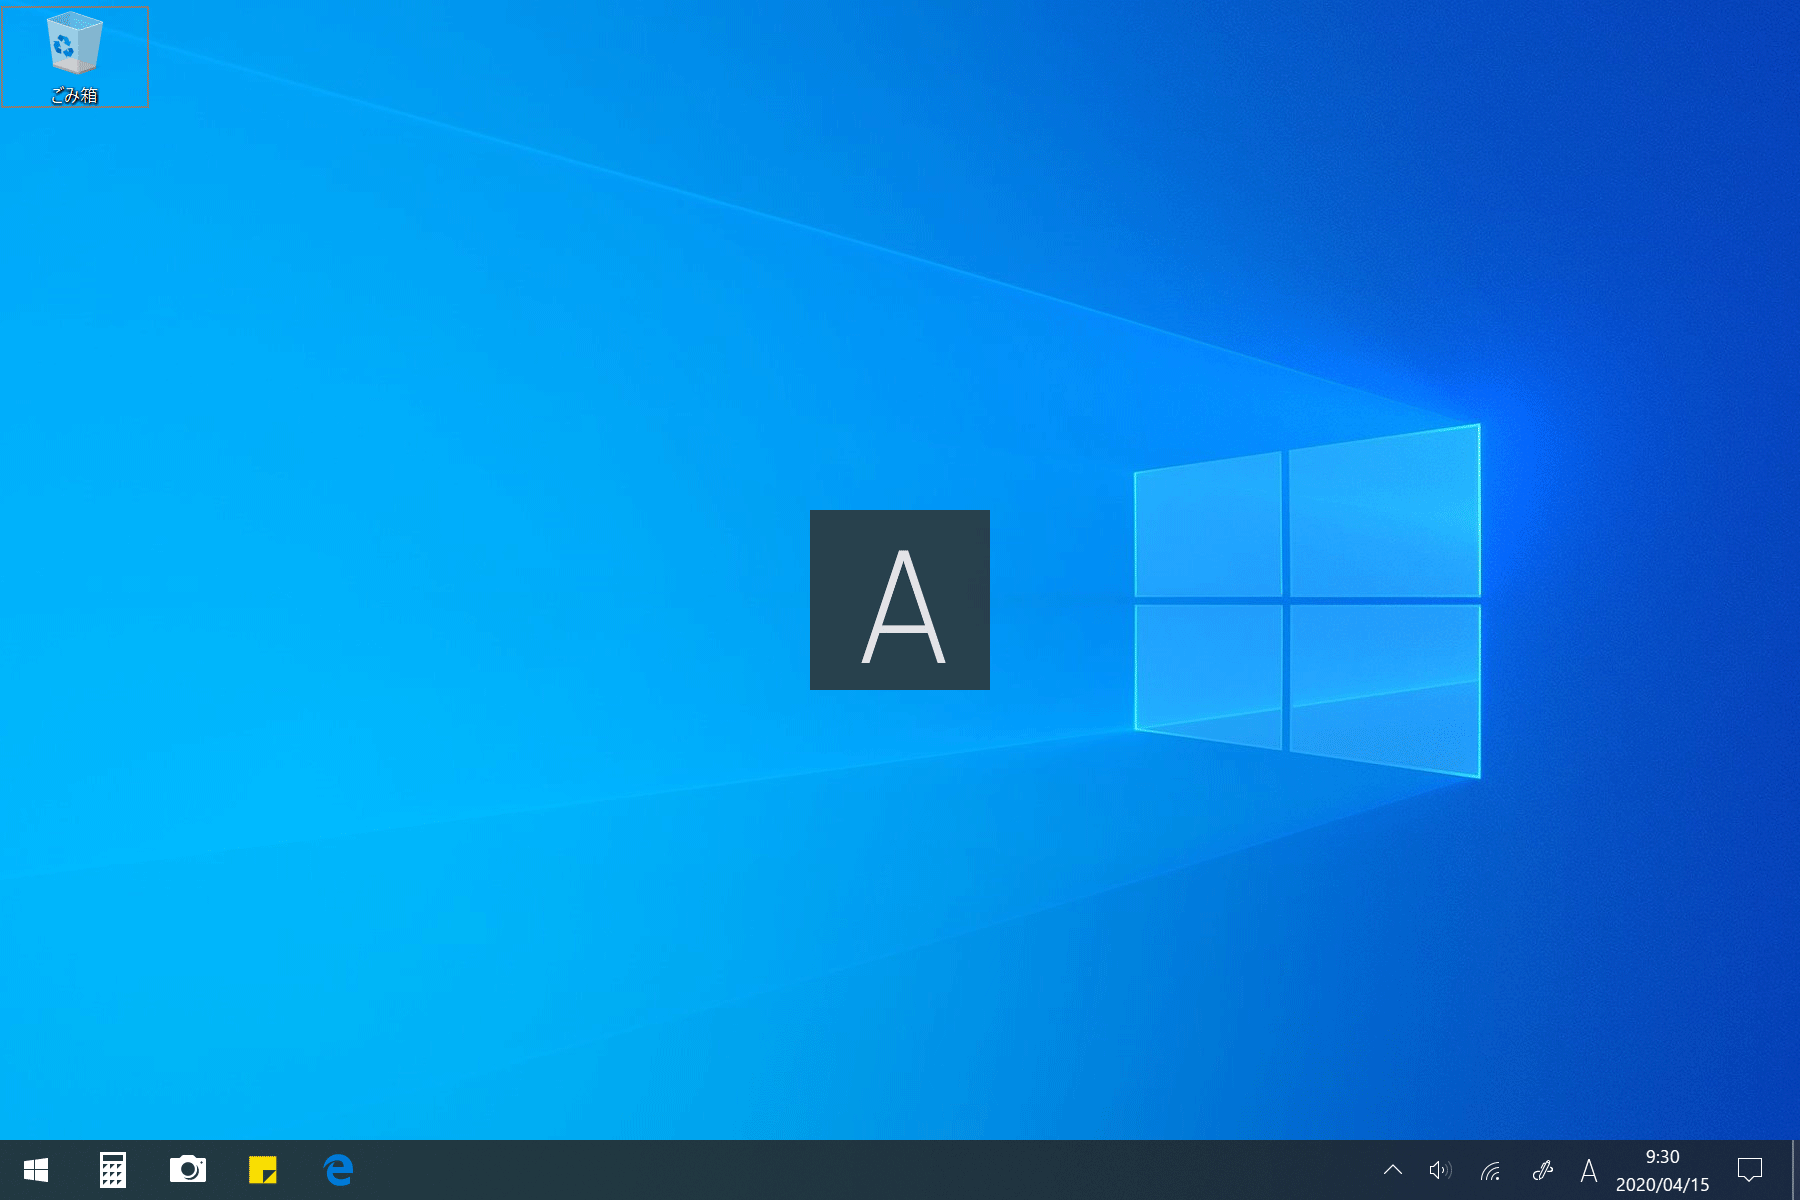 Windows 10の画面中央に表示される「A」 の文字